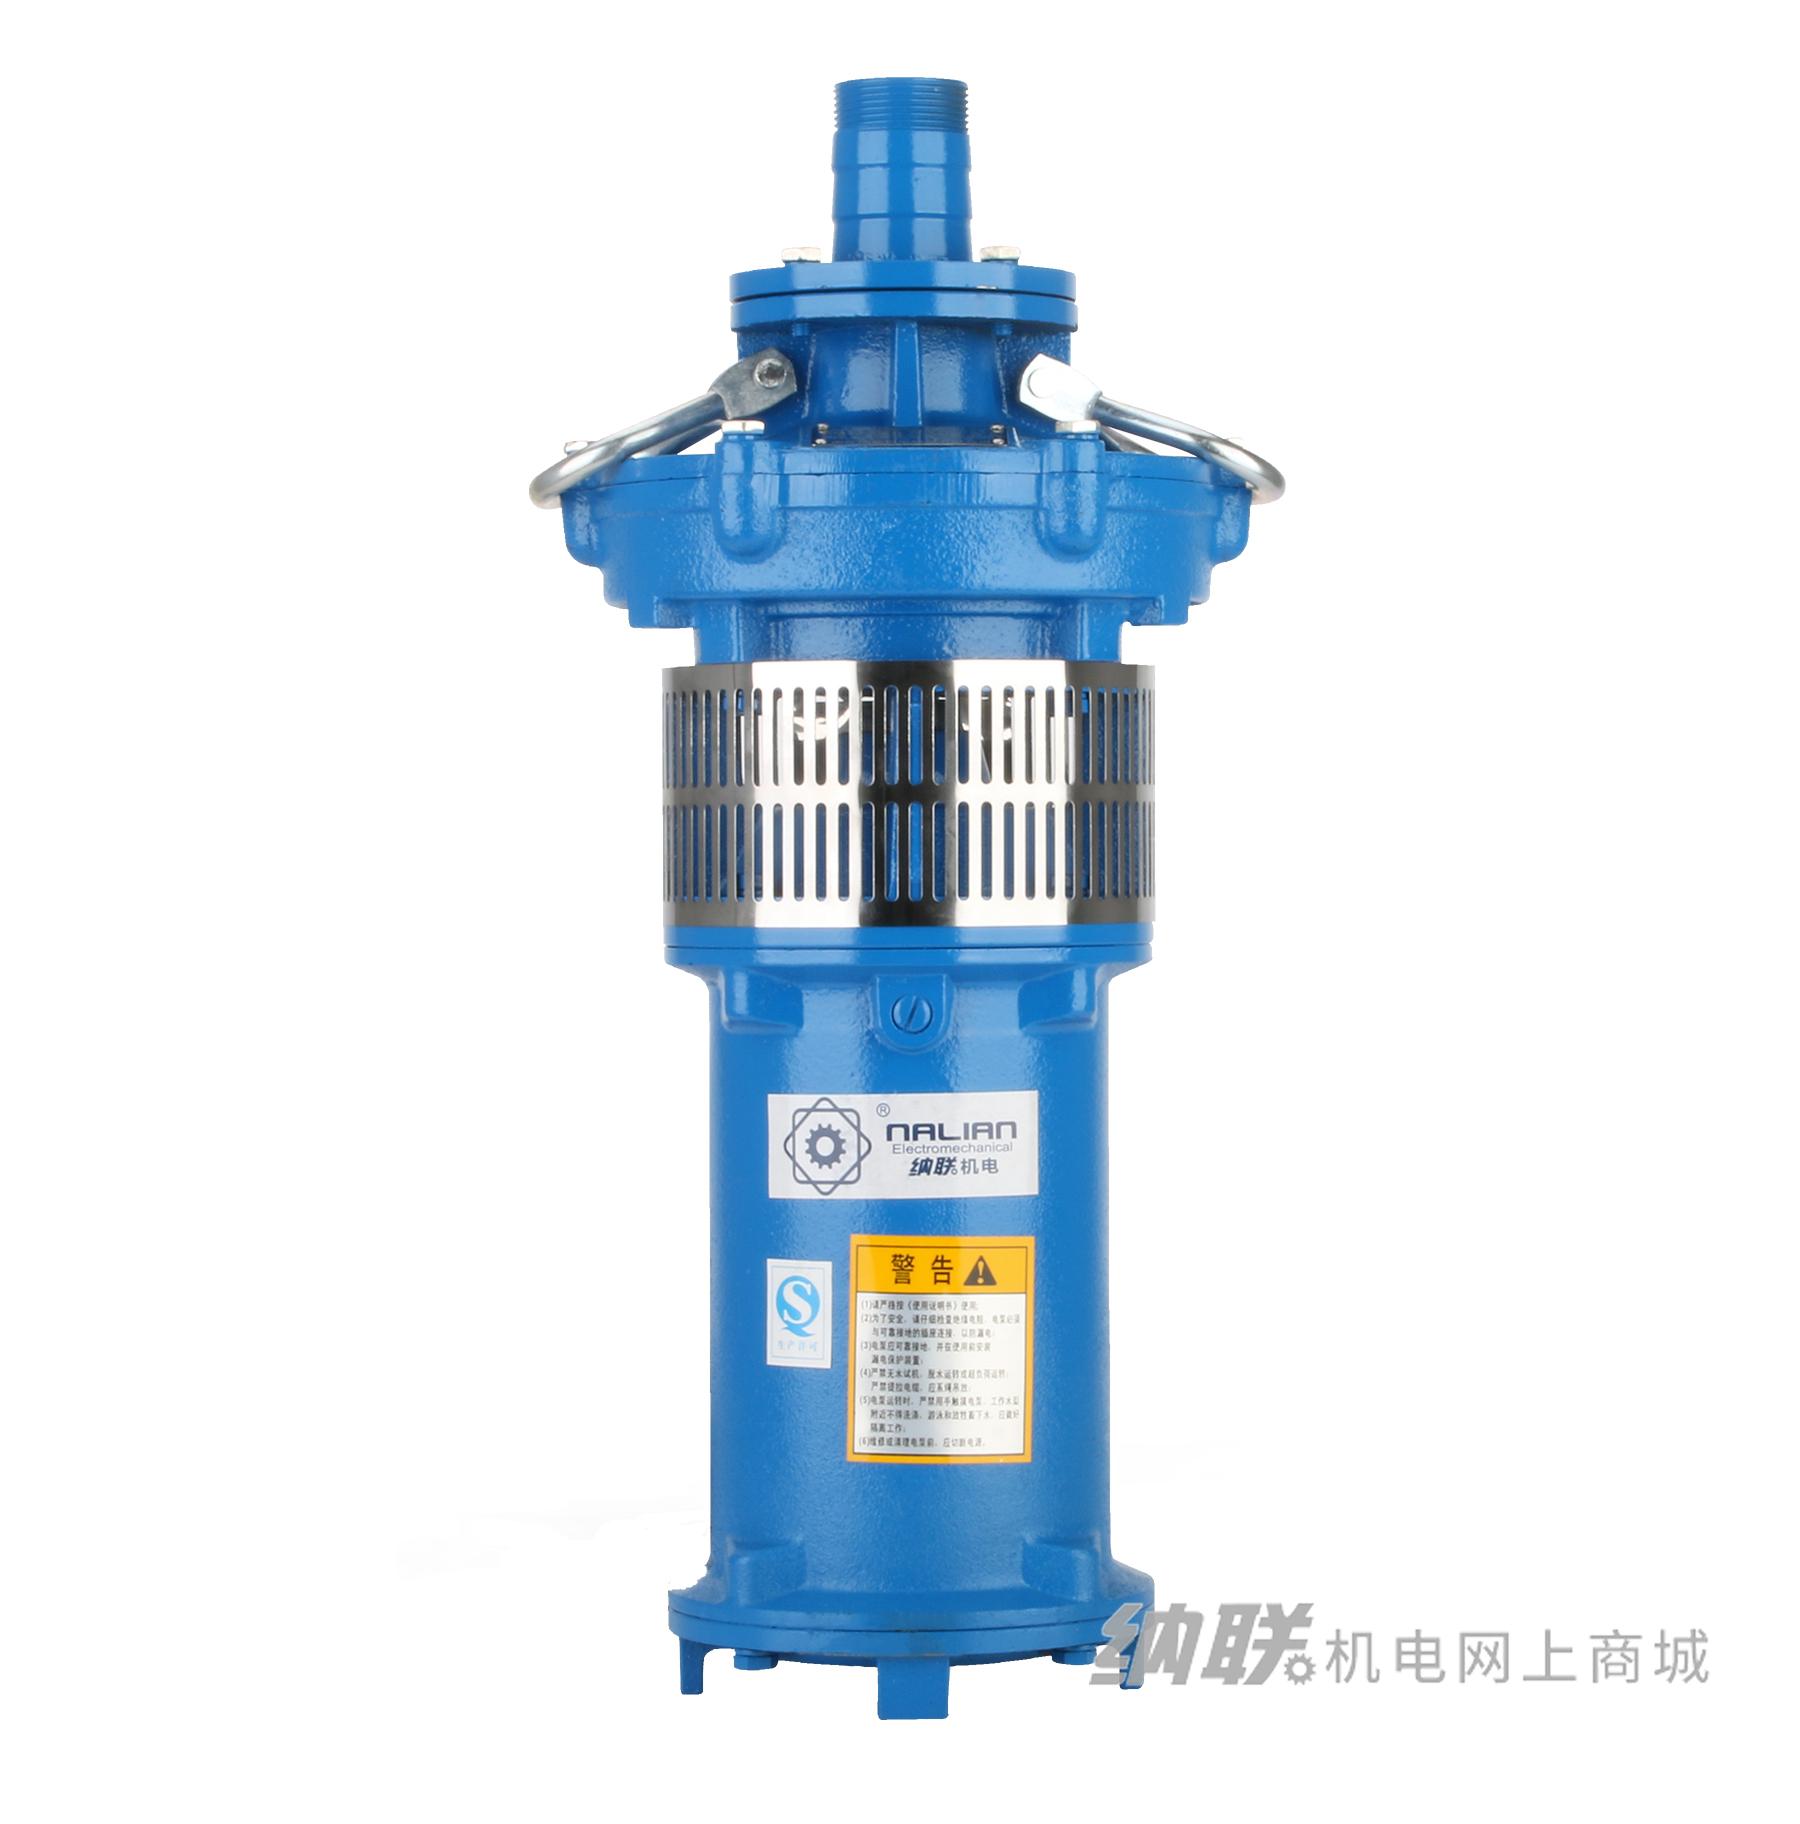 纳联机电 油浸泵-100QY65-18-5.5三铜